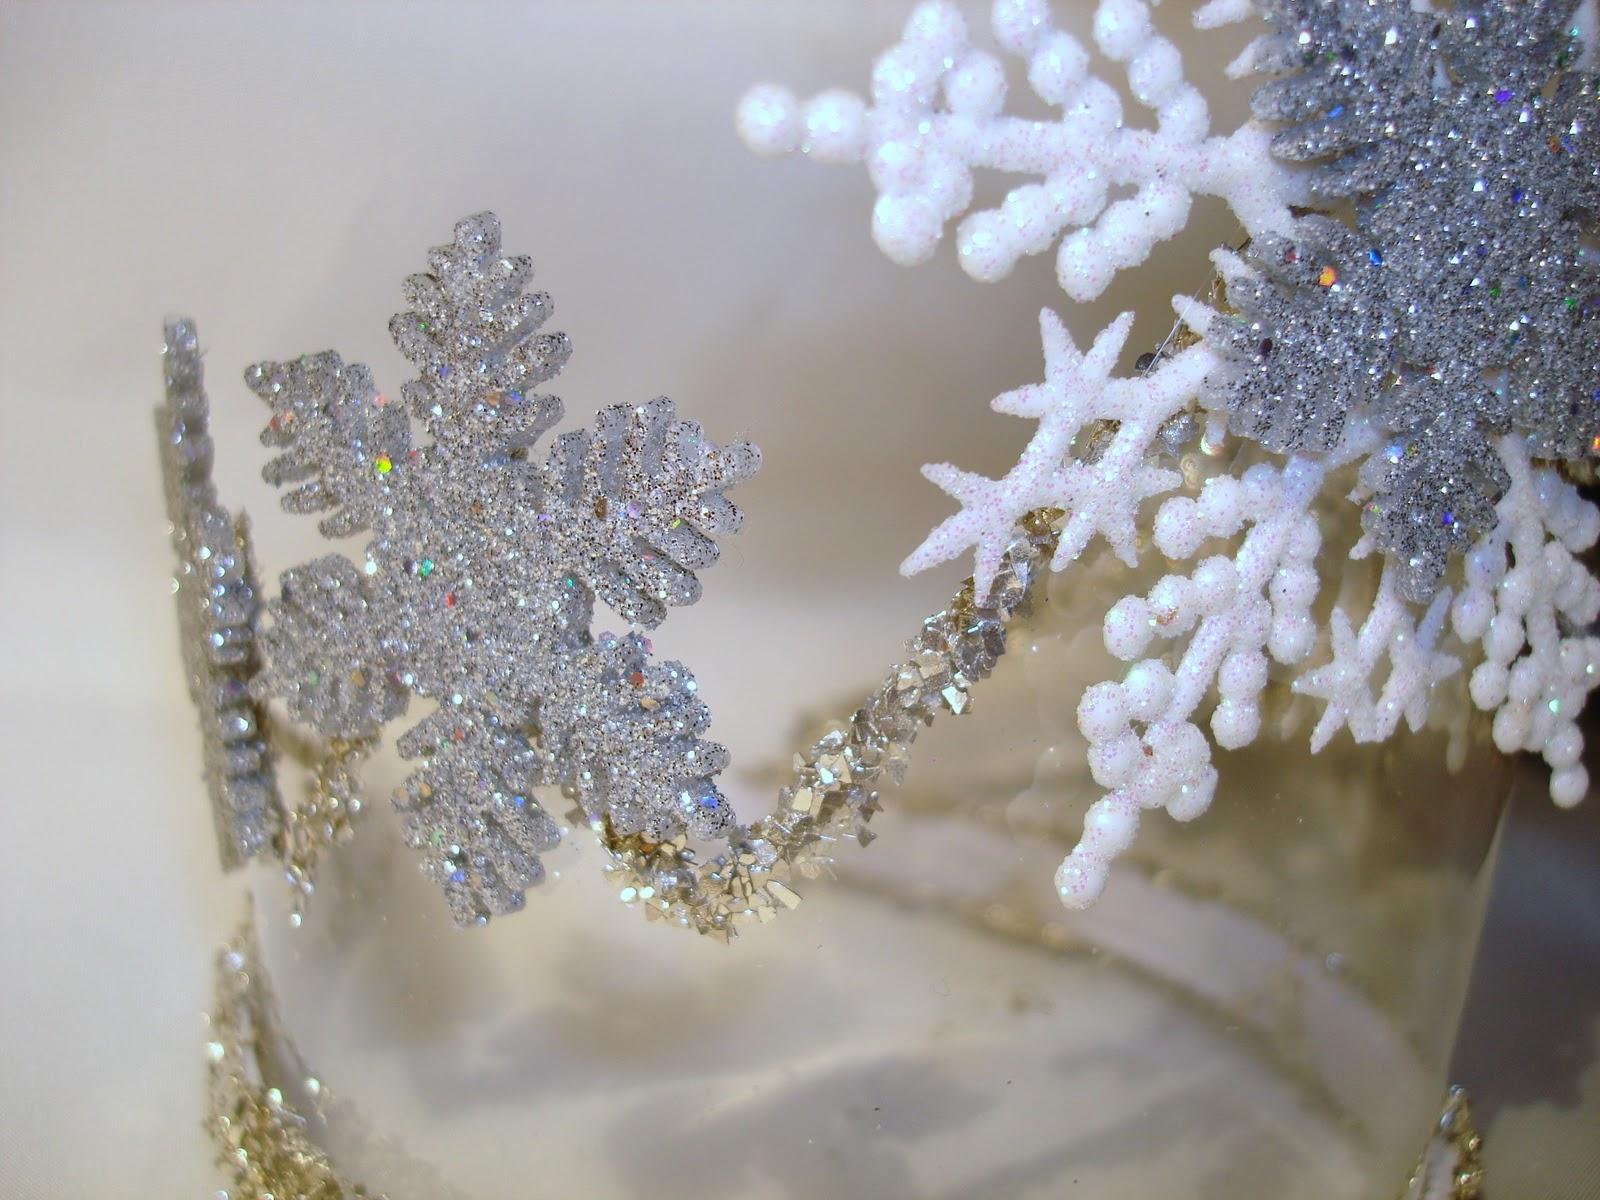 Queen Crown Wallpaper Disguise  snow queen crownQueen Crown Wallpaper